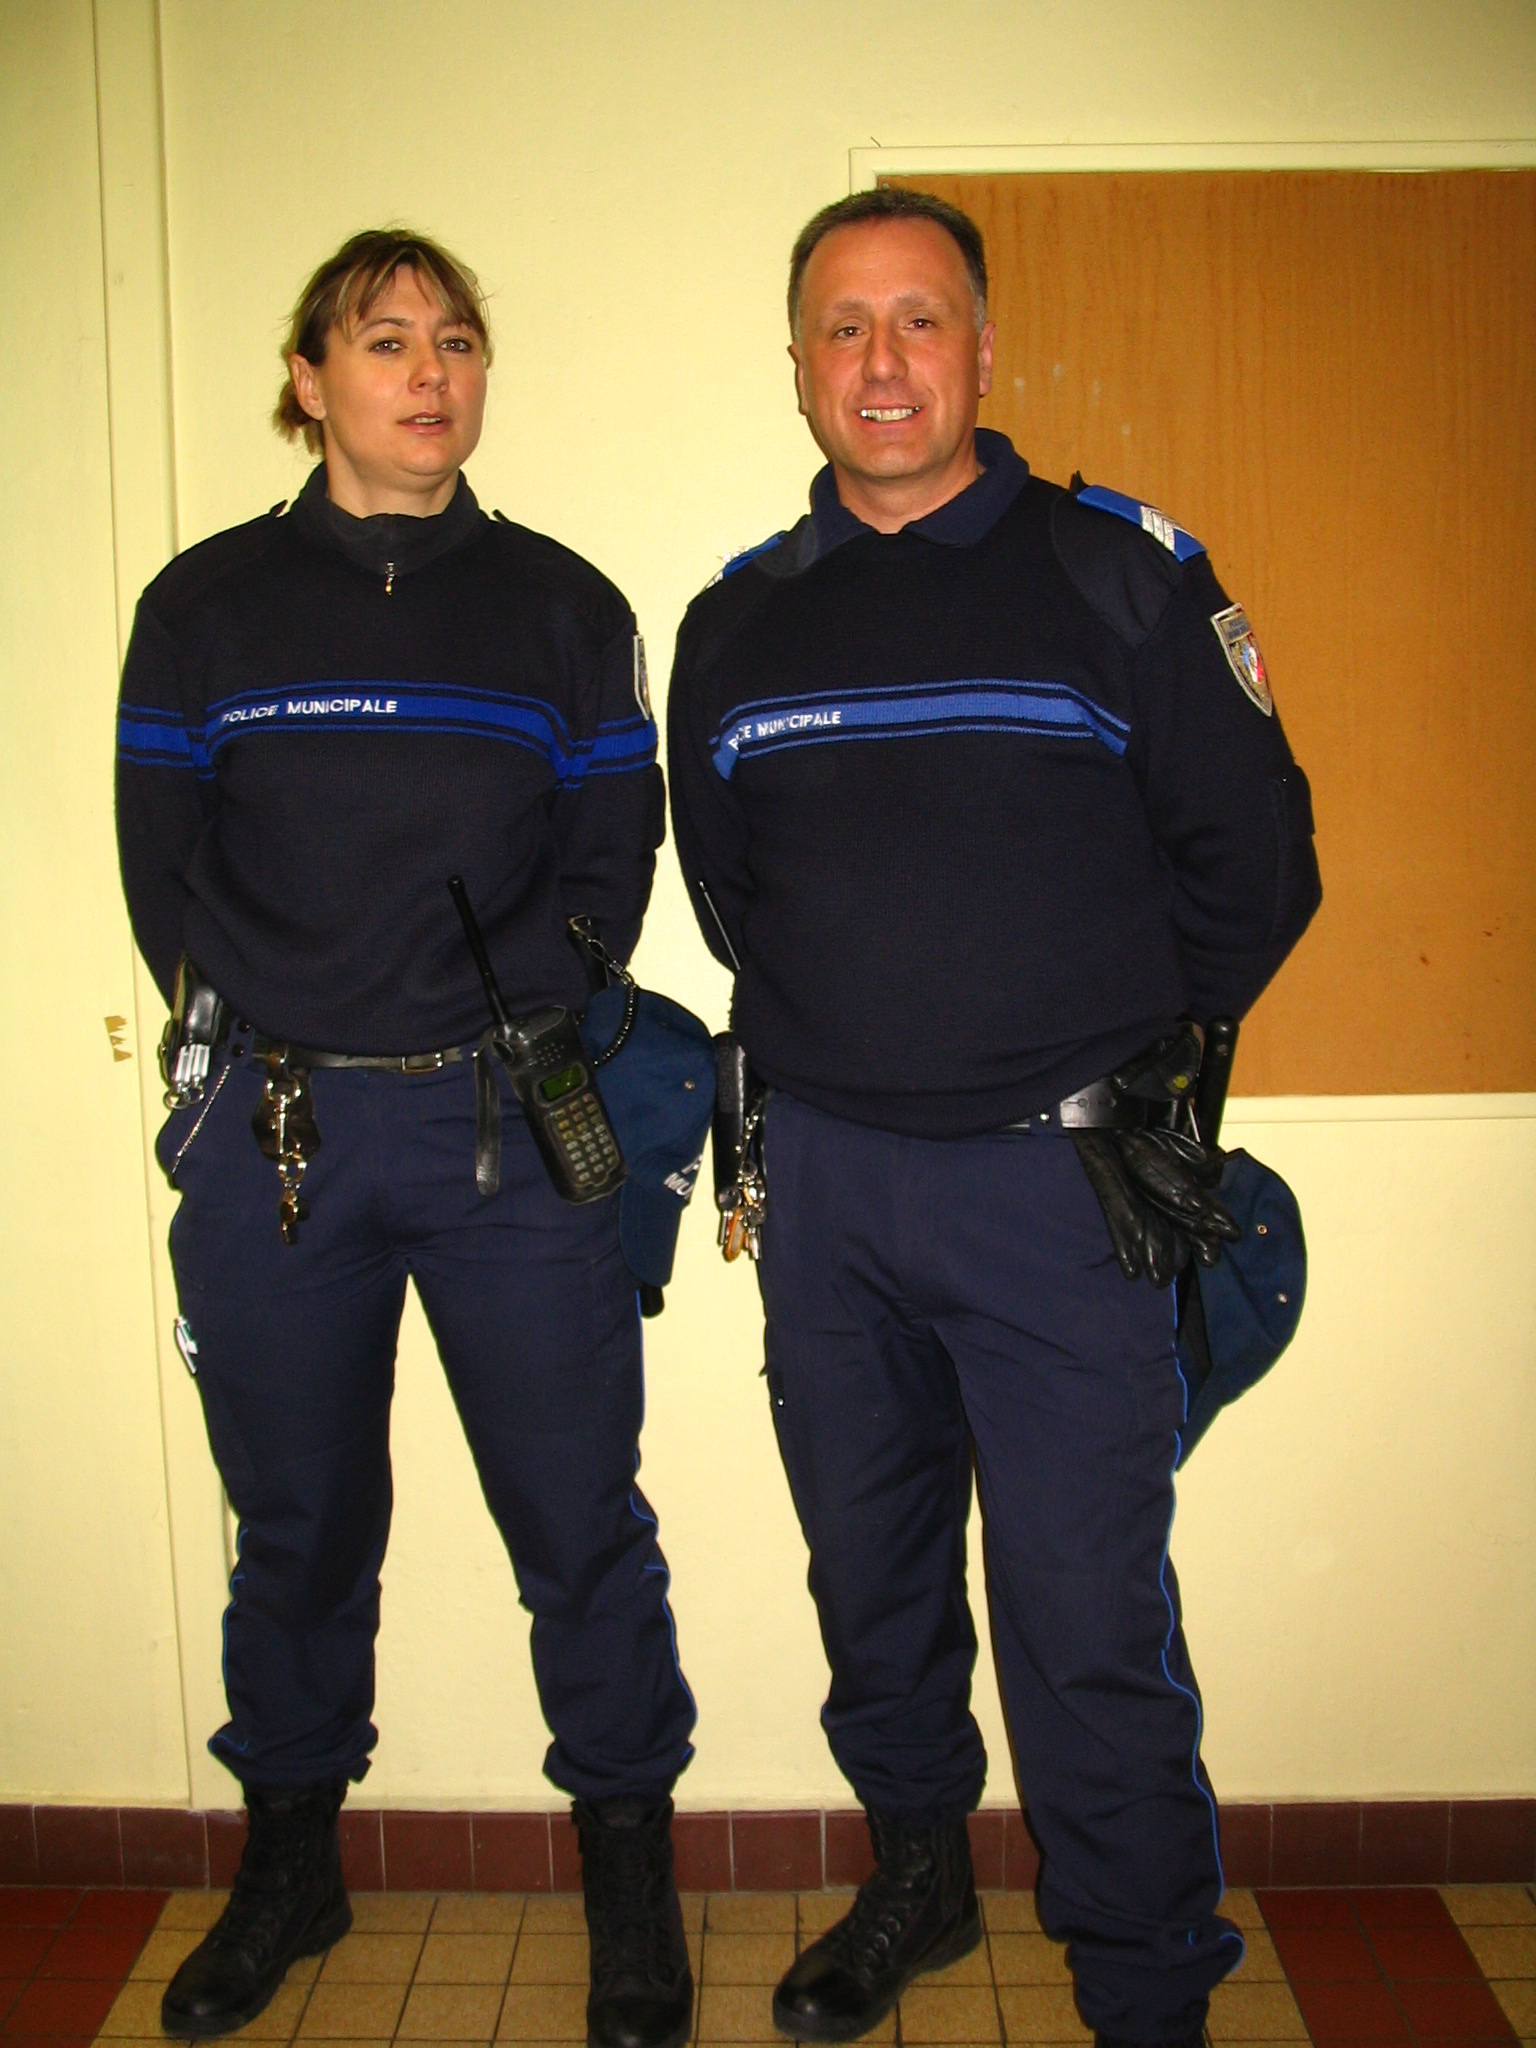 rencontre avec des homme policier)